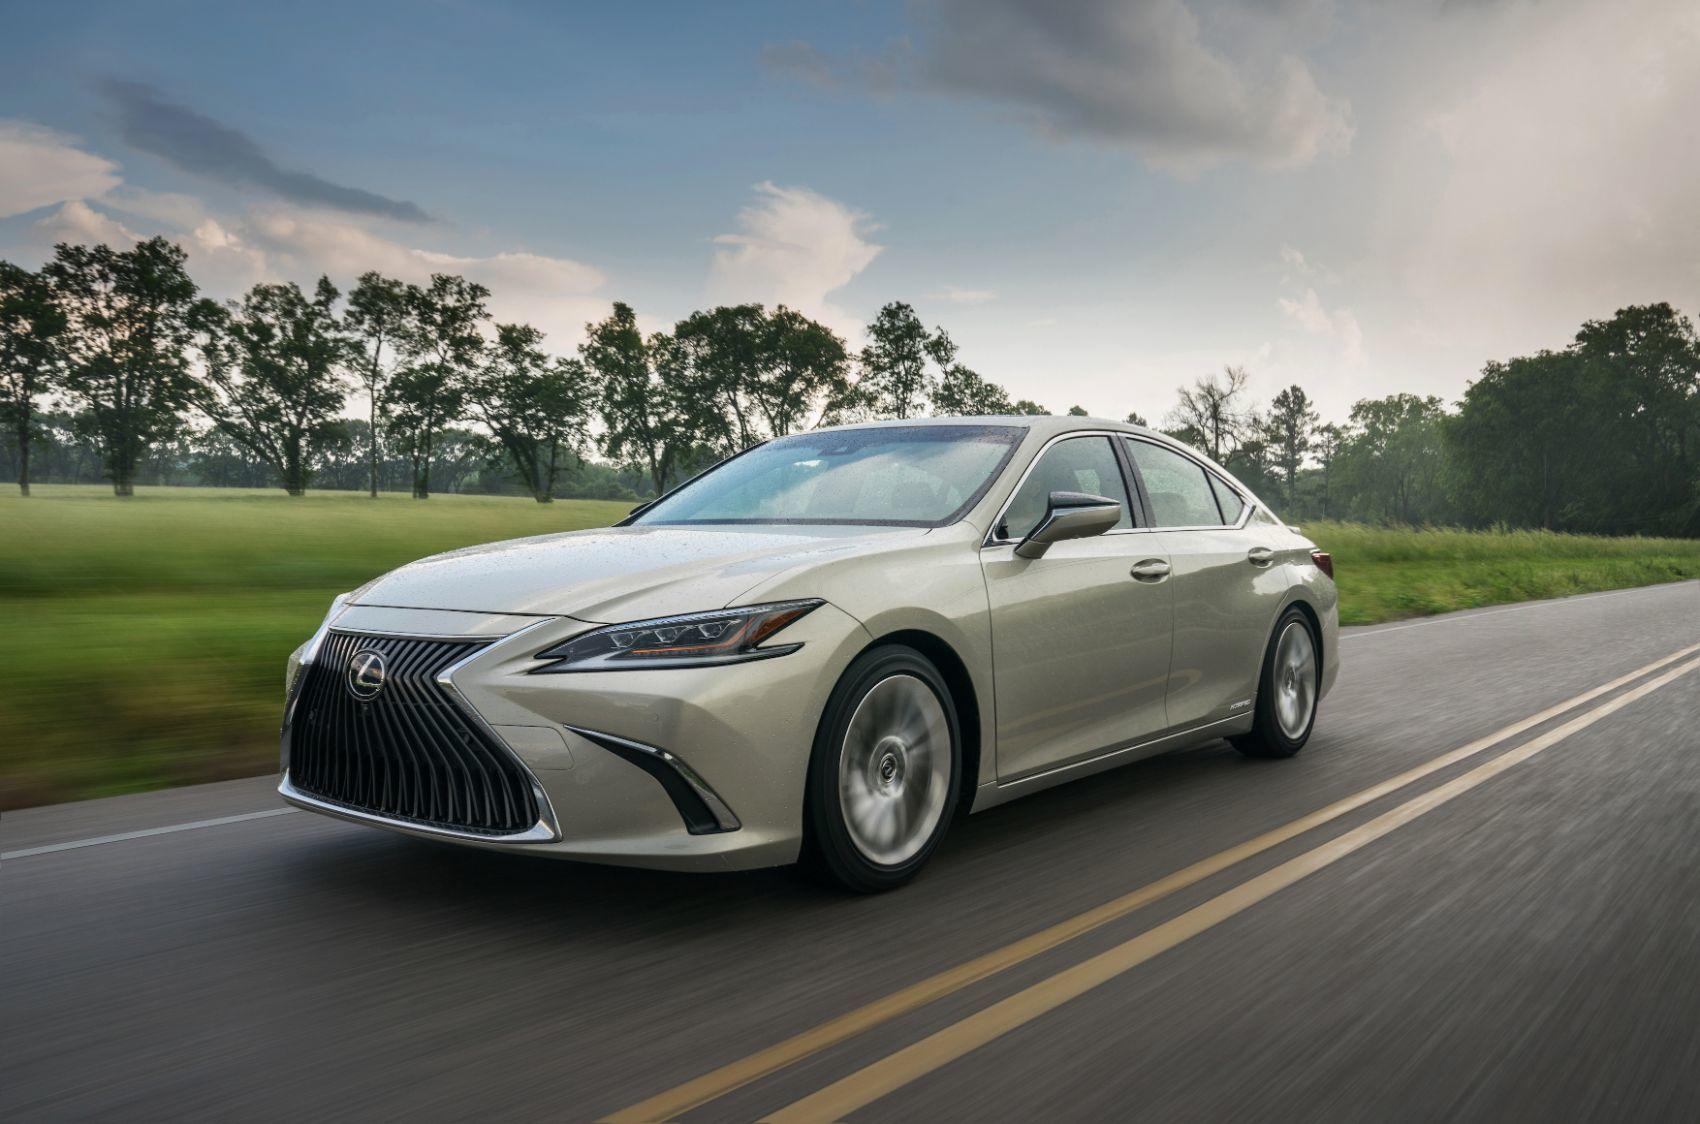 2020 Lexus ES 300h Review: Practical & Luxurious But Should You Buy It?